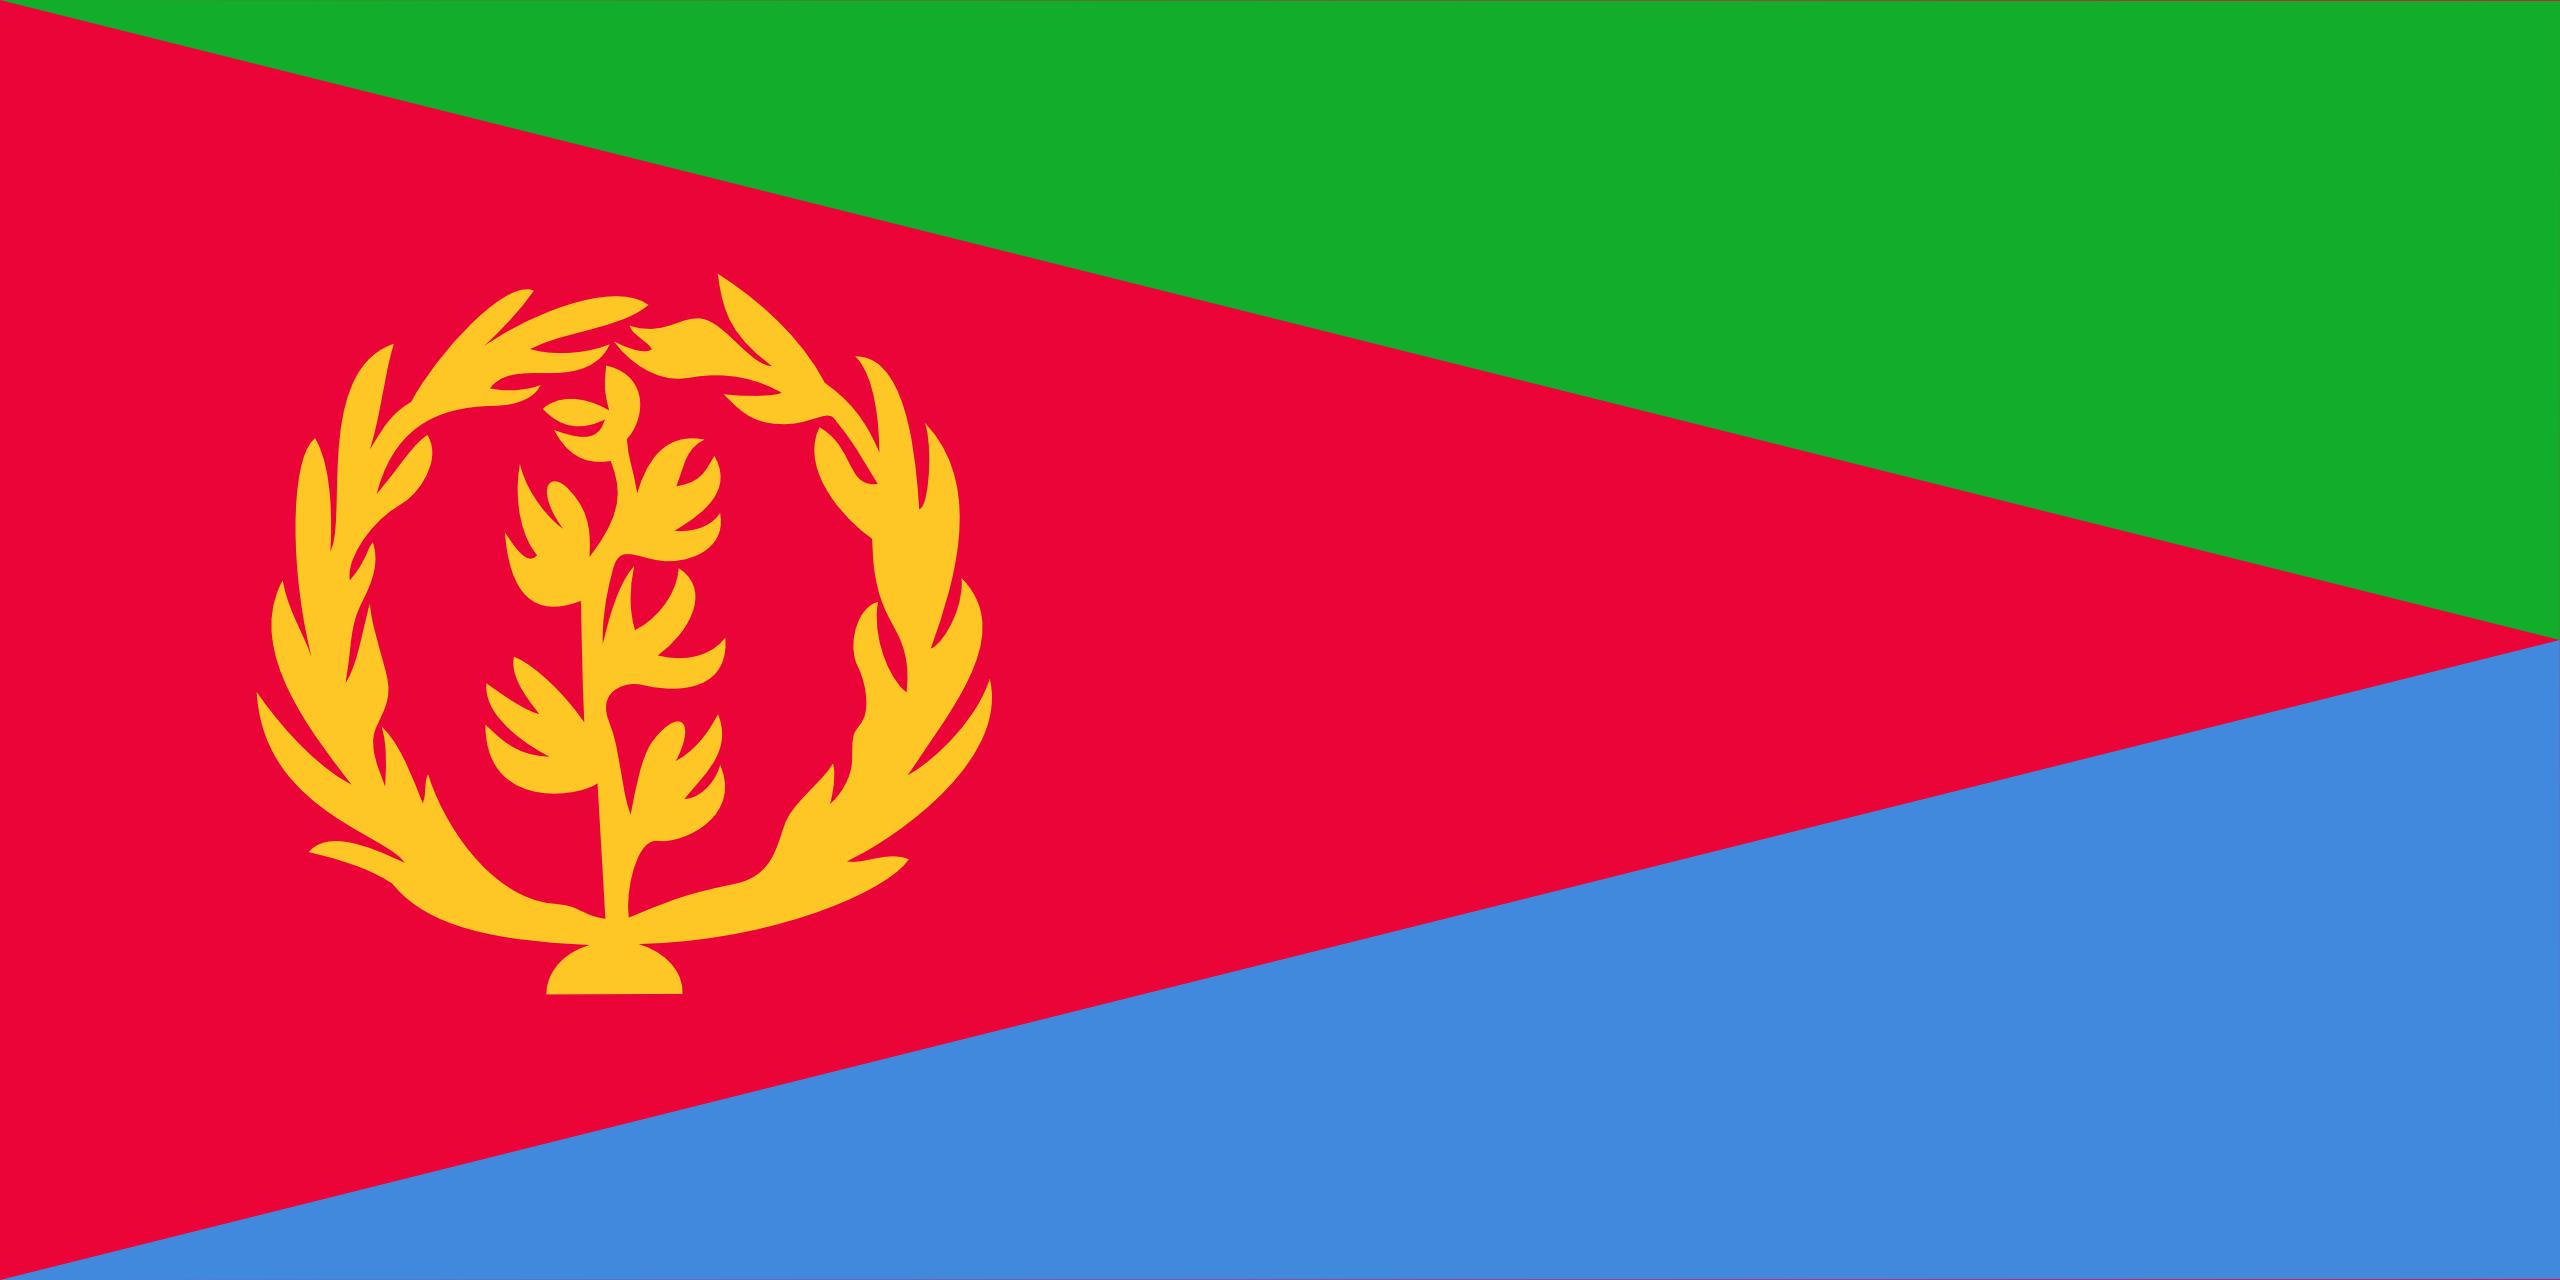 eritrea, 国, エンブレム, ロゴ, シンボル - HD の壁紙 - 教授-falken.com